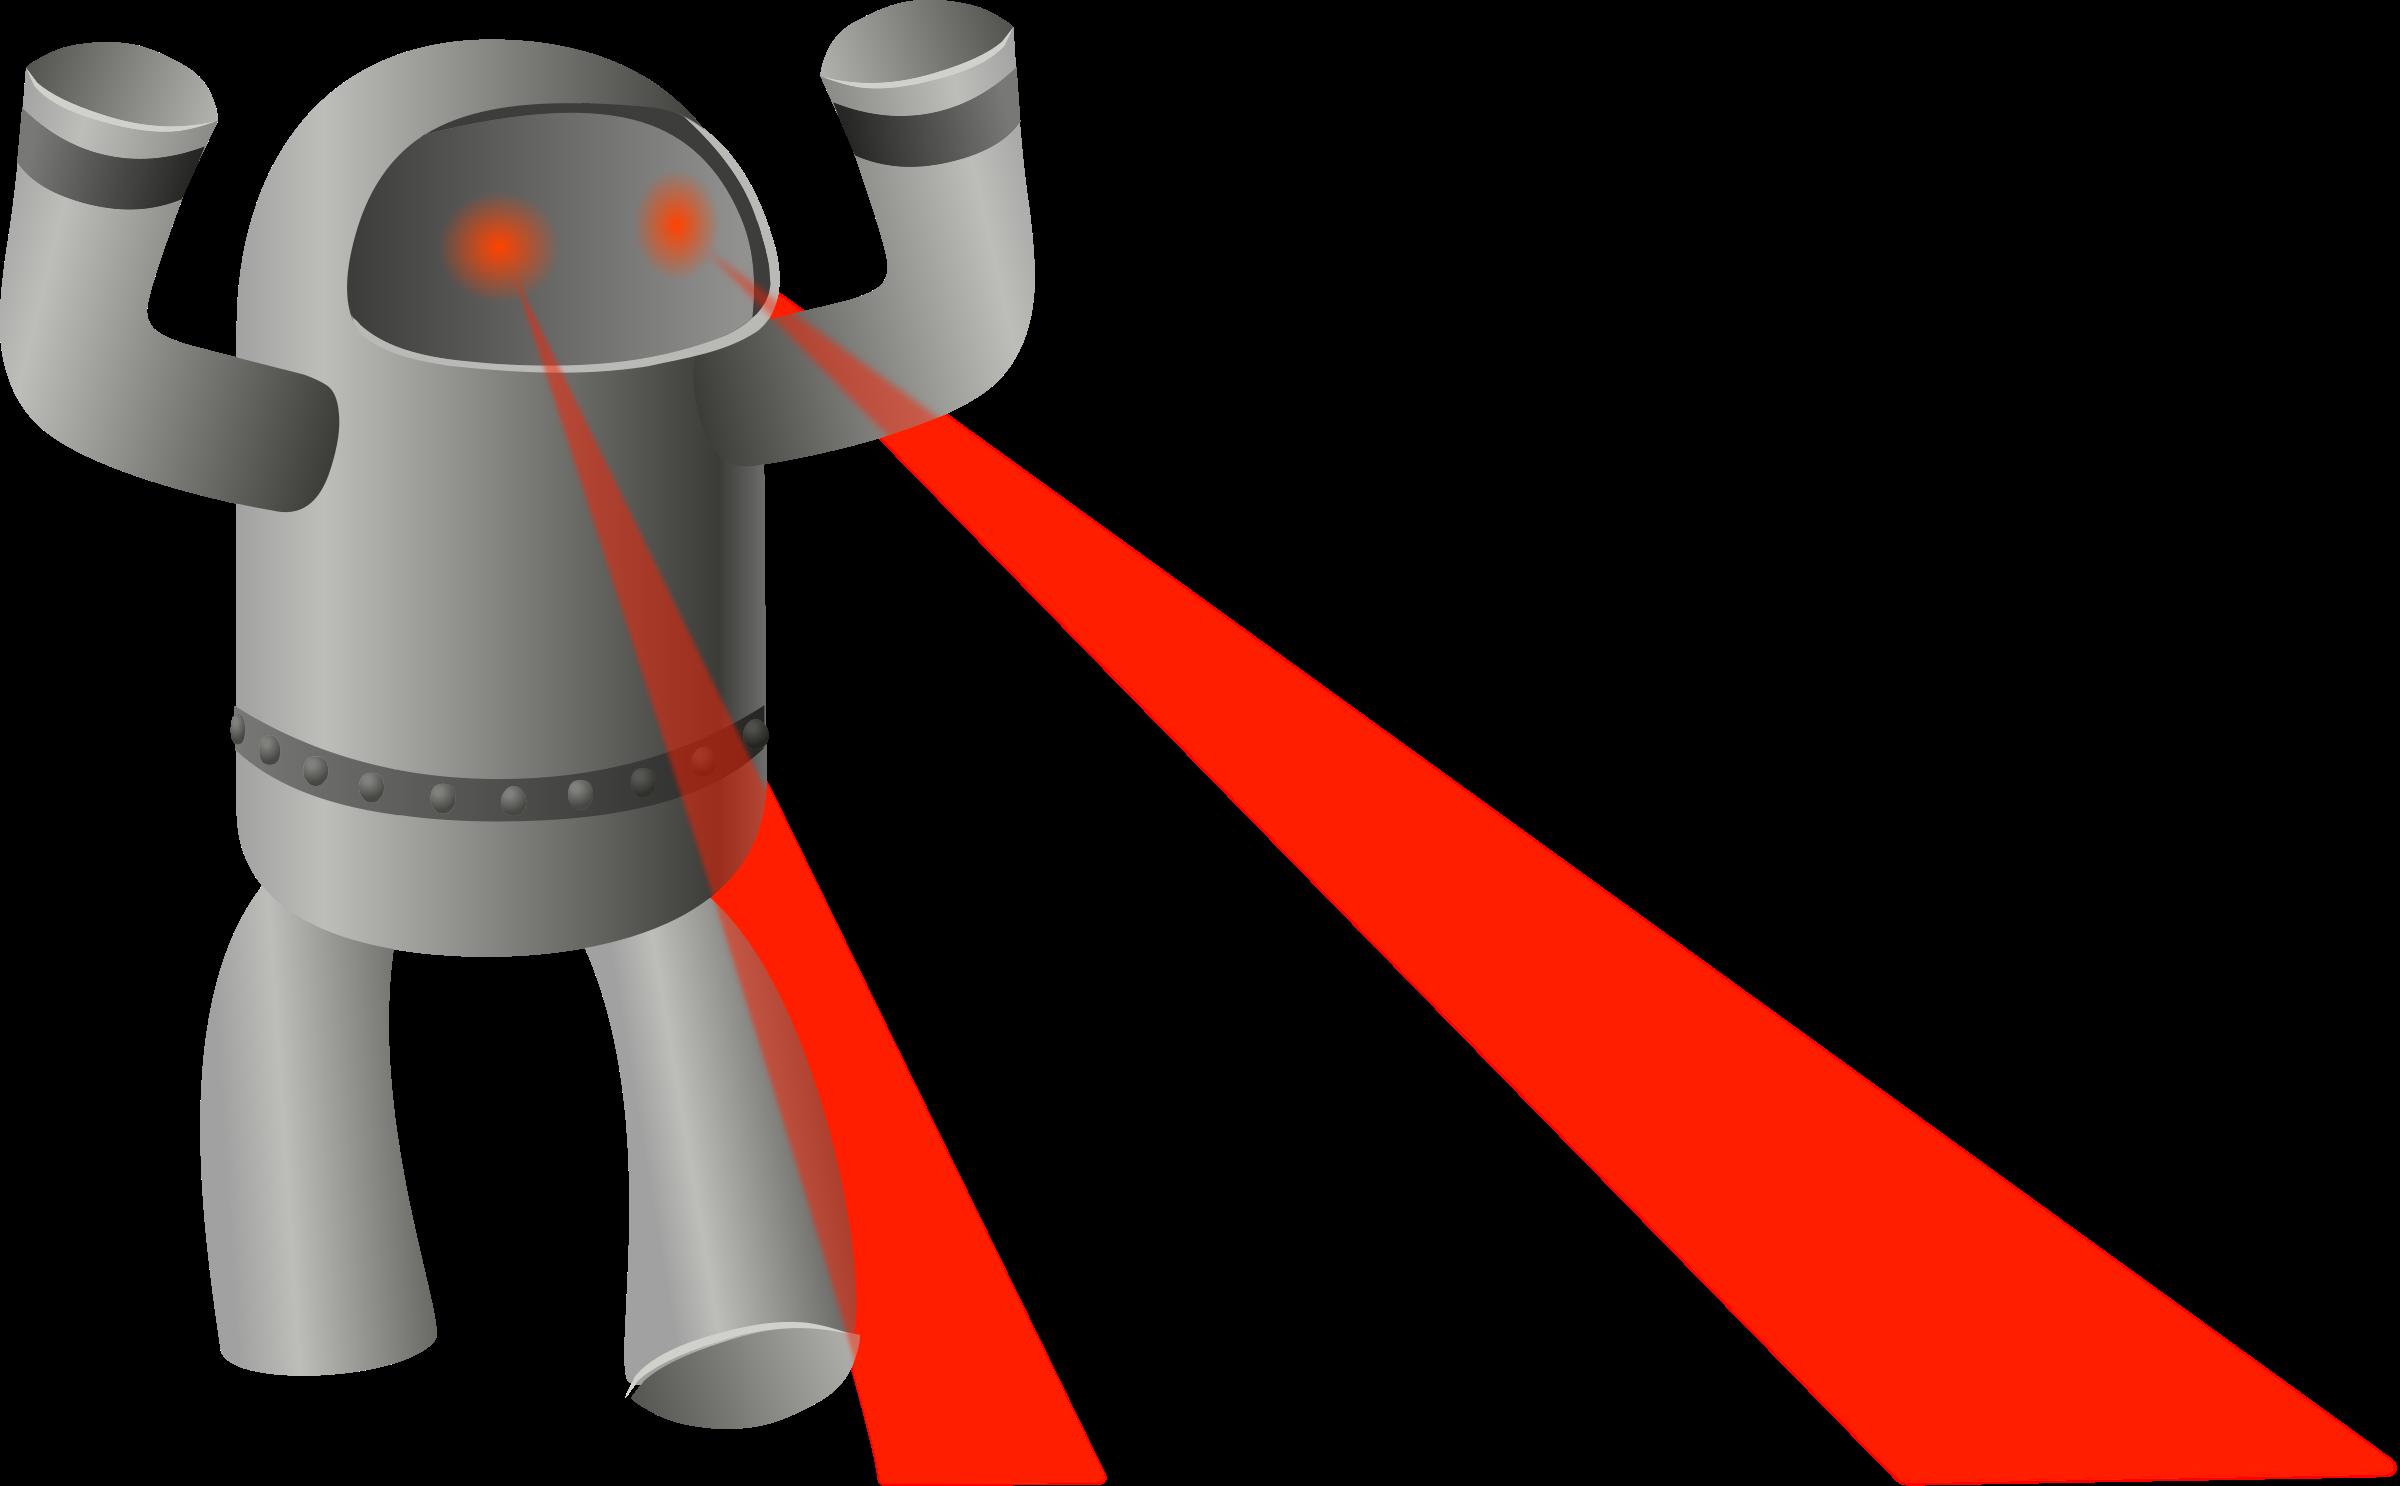 Rampaging big image png. Eyes clipart robot